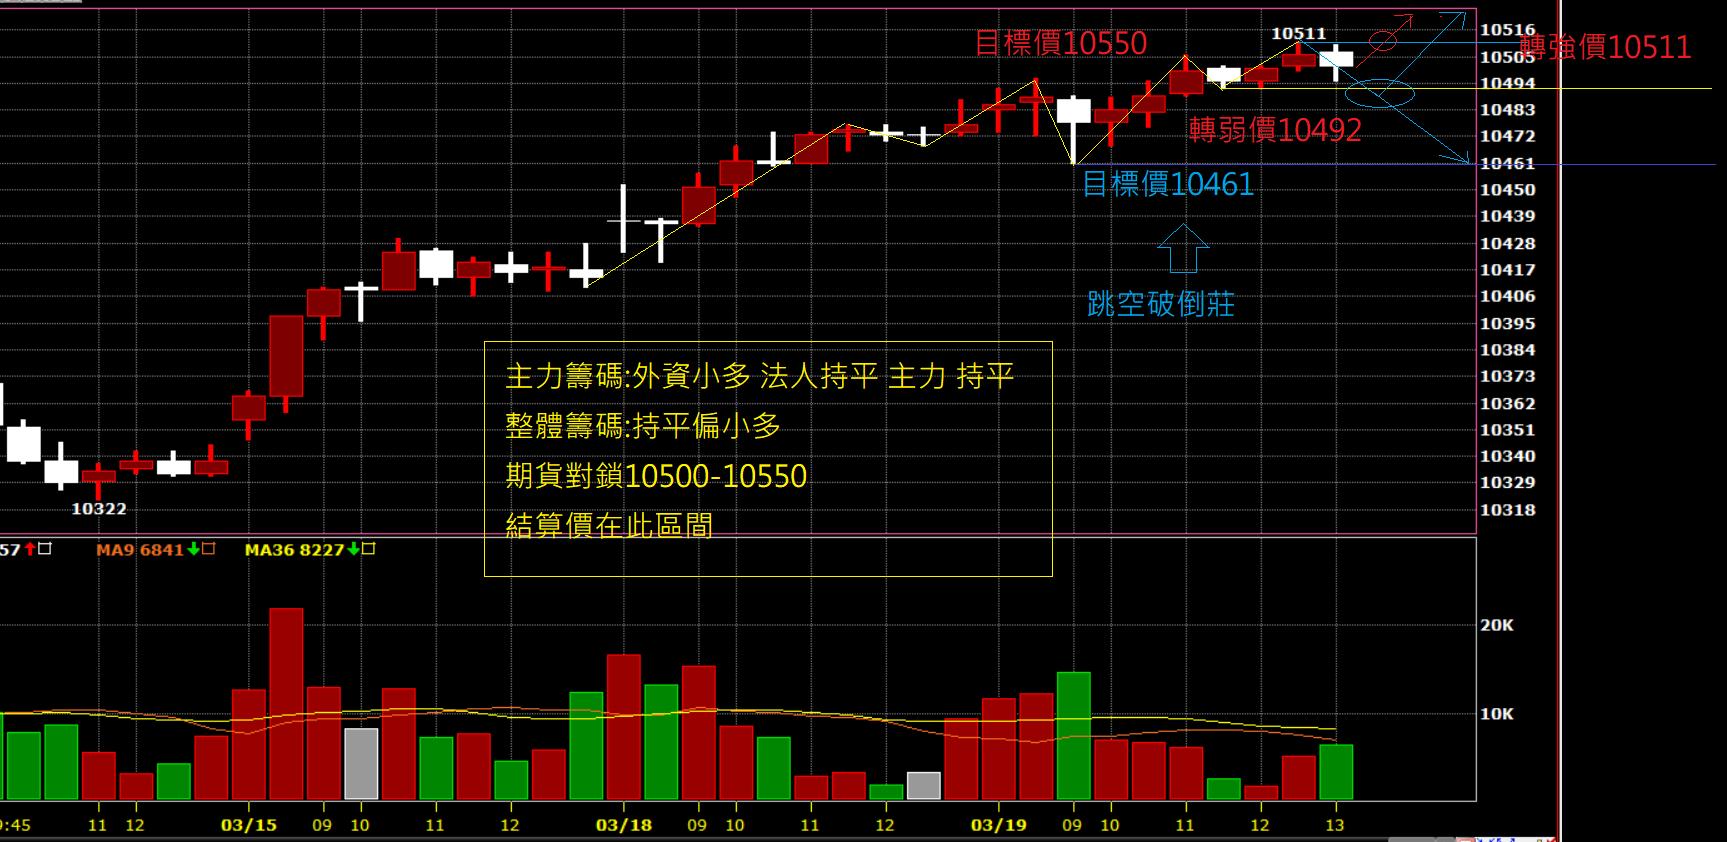 03月20日~~~期貨盤前分析圖表~~~預估結算價!!!